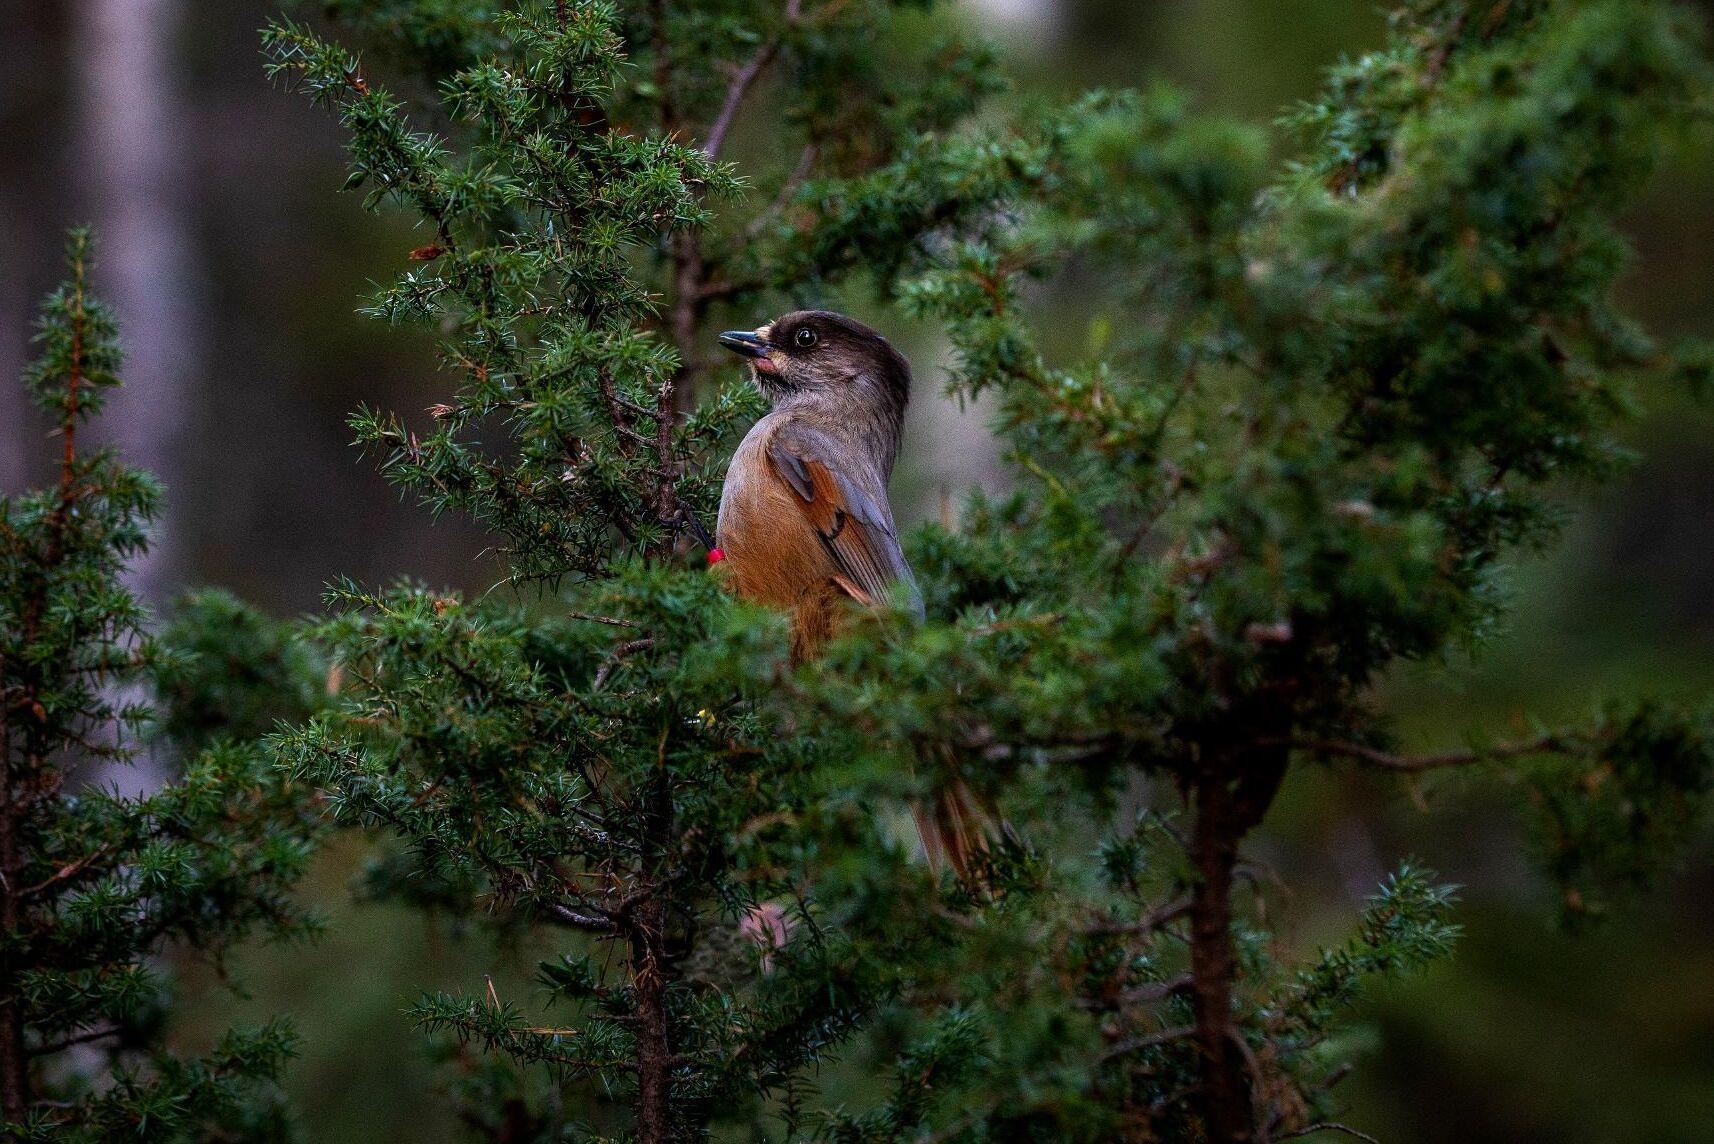 Domstolen skriver att åtgärder i skogsbruket som kan skada fågelns fortplantningsområden omfattas av artskyddsförordningen.